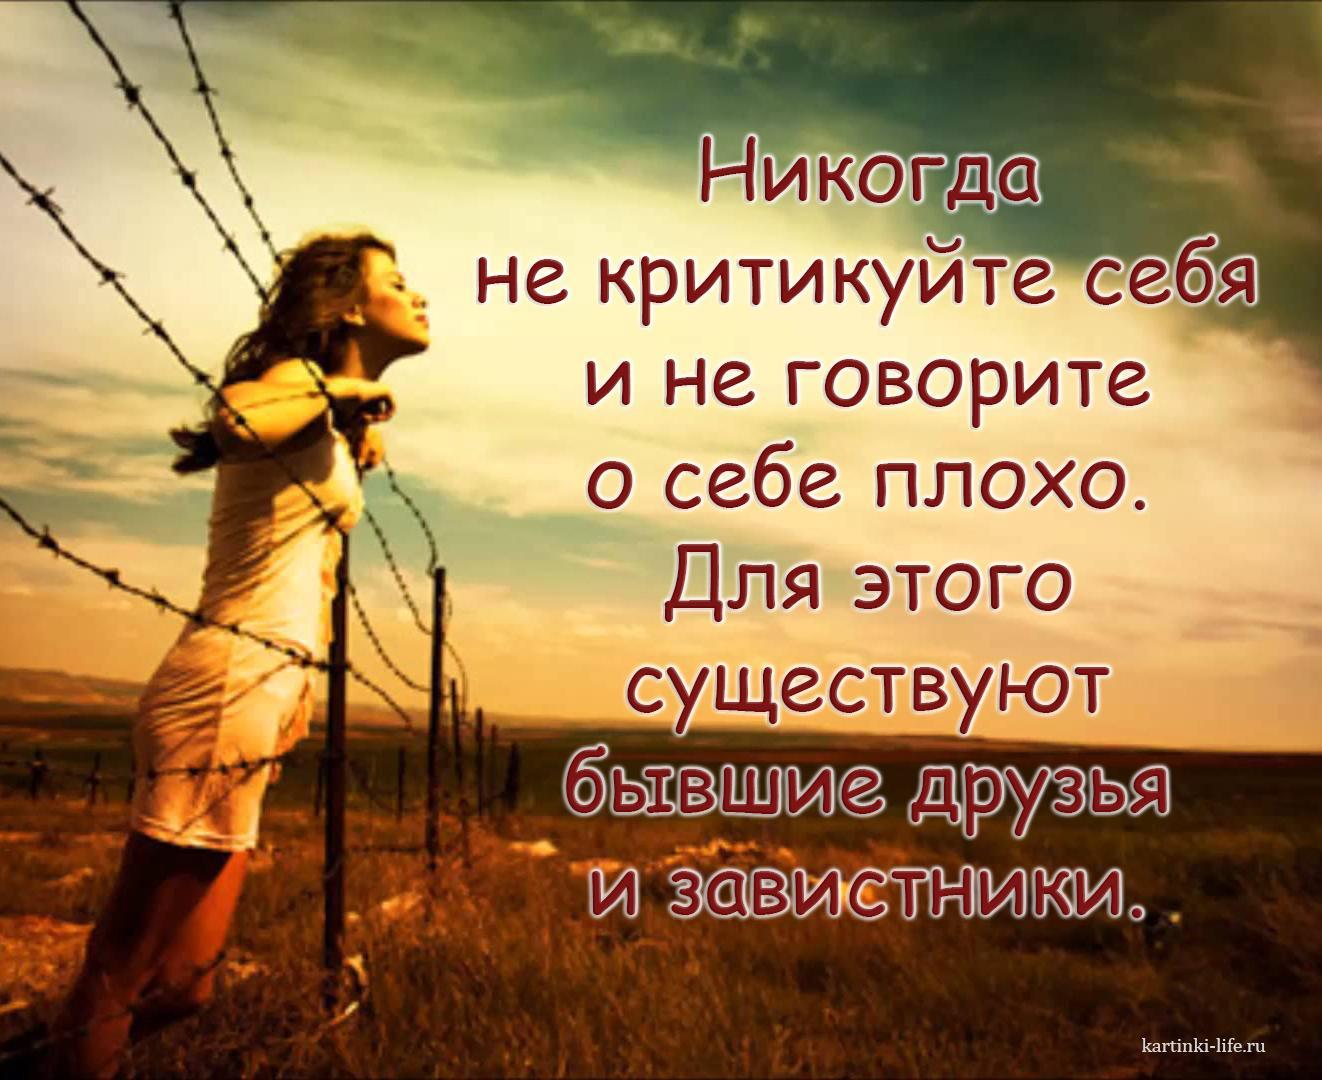 Никогда не критикуйте себя и не говорите о себе плохо. Для этого существуют бывшие друзья и завистники.